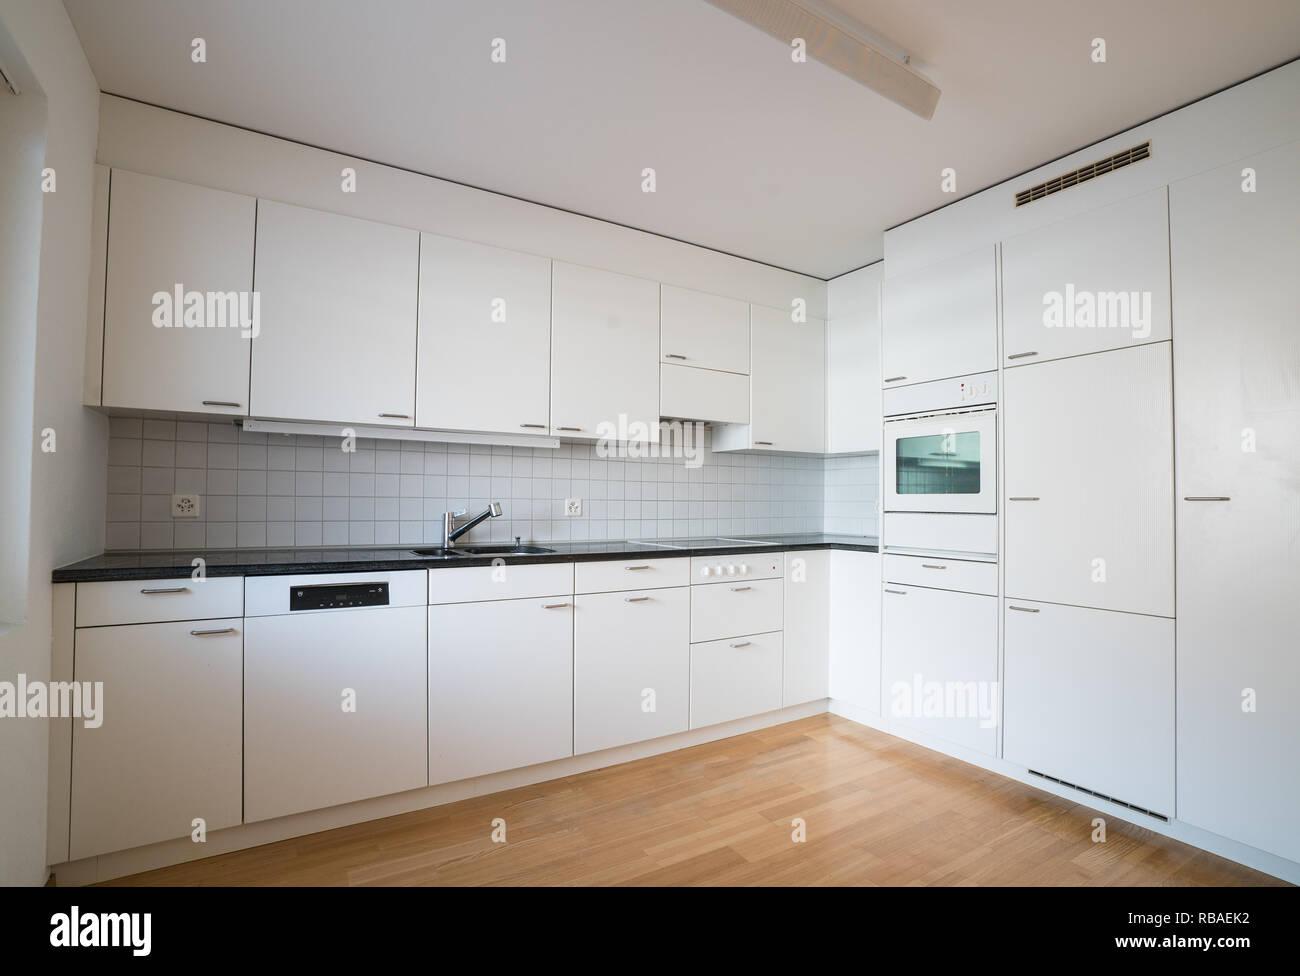 Moderne Helle Kuche In Einem Leeren Renovierte Apartment Mit